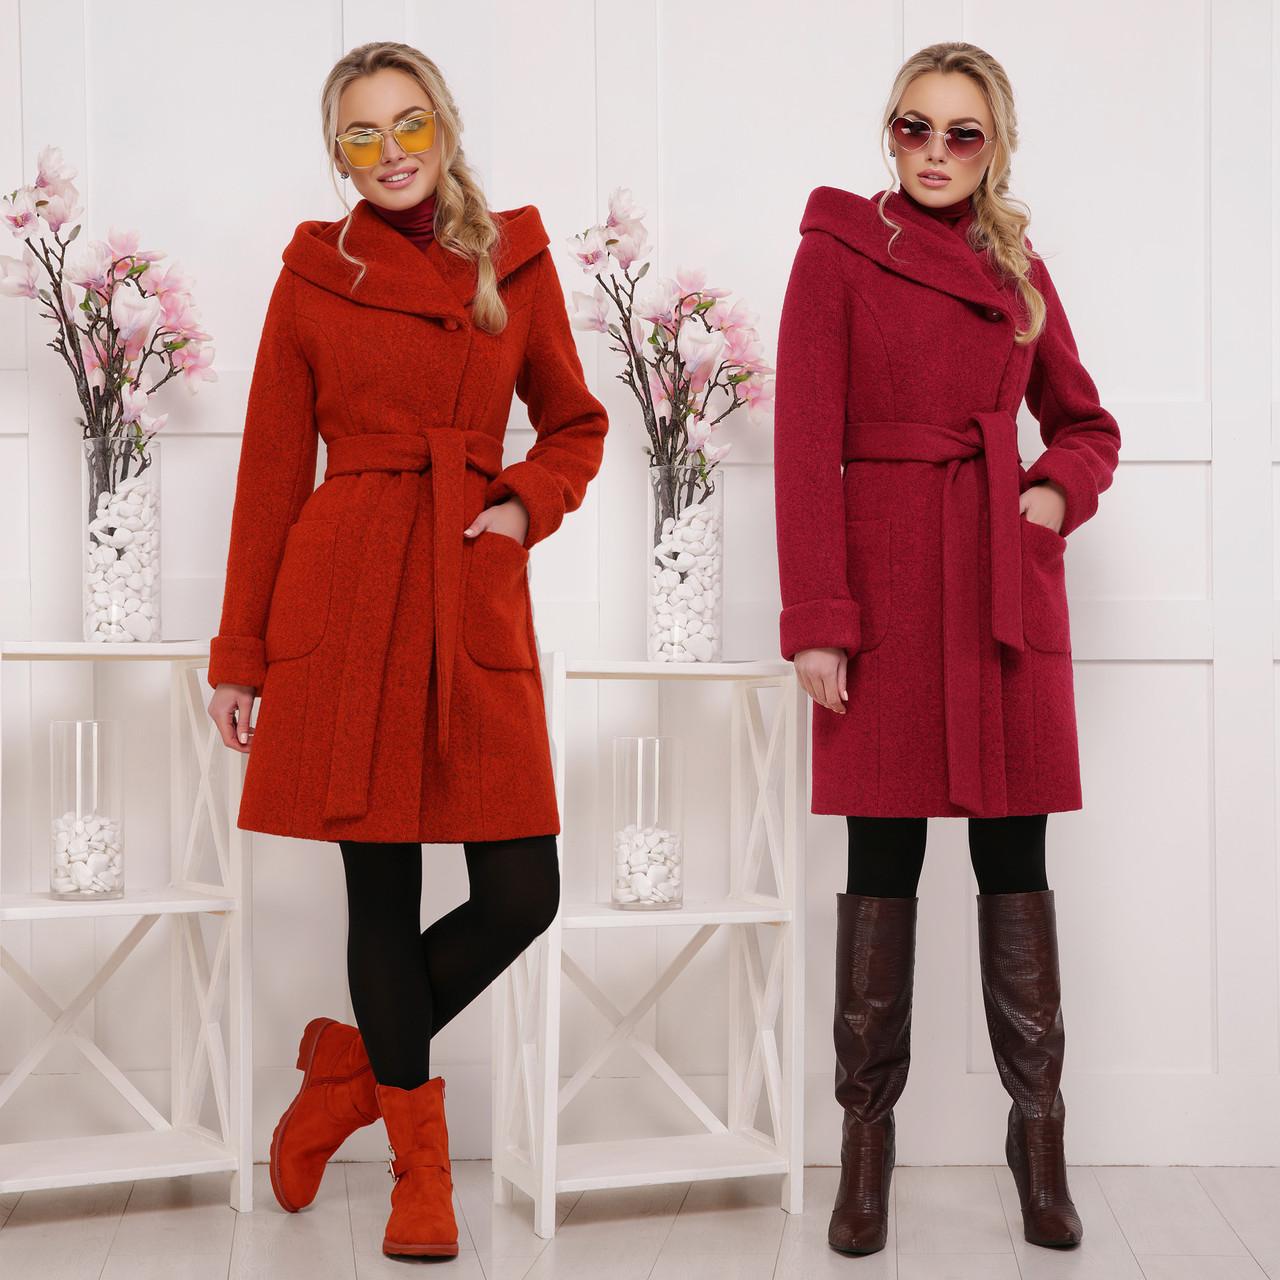 815595df271 Женское приталенное пальто с поясом и капюшоном из шерсти - Интернет-магазин